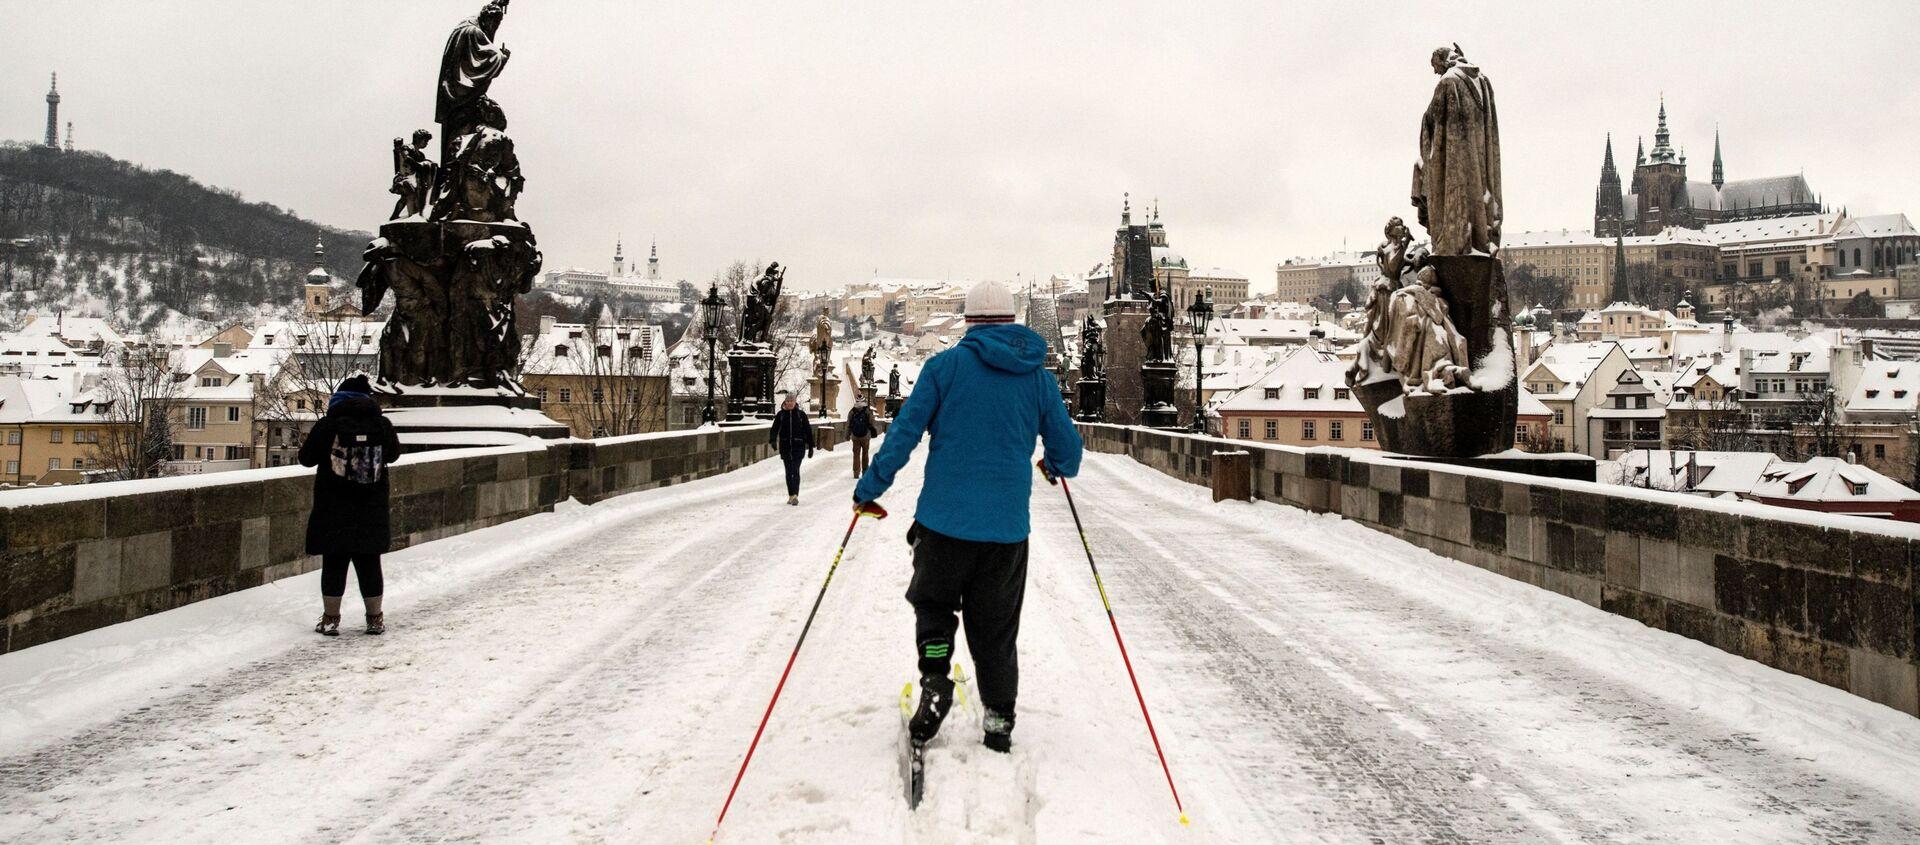 Bílé kouzlo nebo dopravní kolaps? Praha se ocitla ve sněhovém zajetí, na Karlově mostě se objevili běžkaři - Sputnik Česká republika, 1920, 08.02.2021